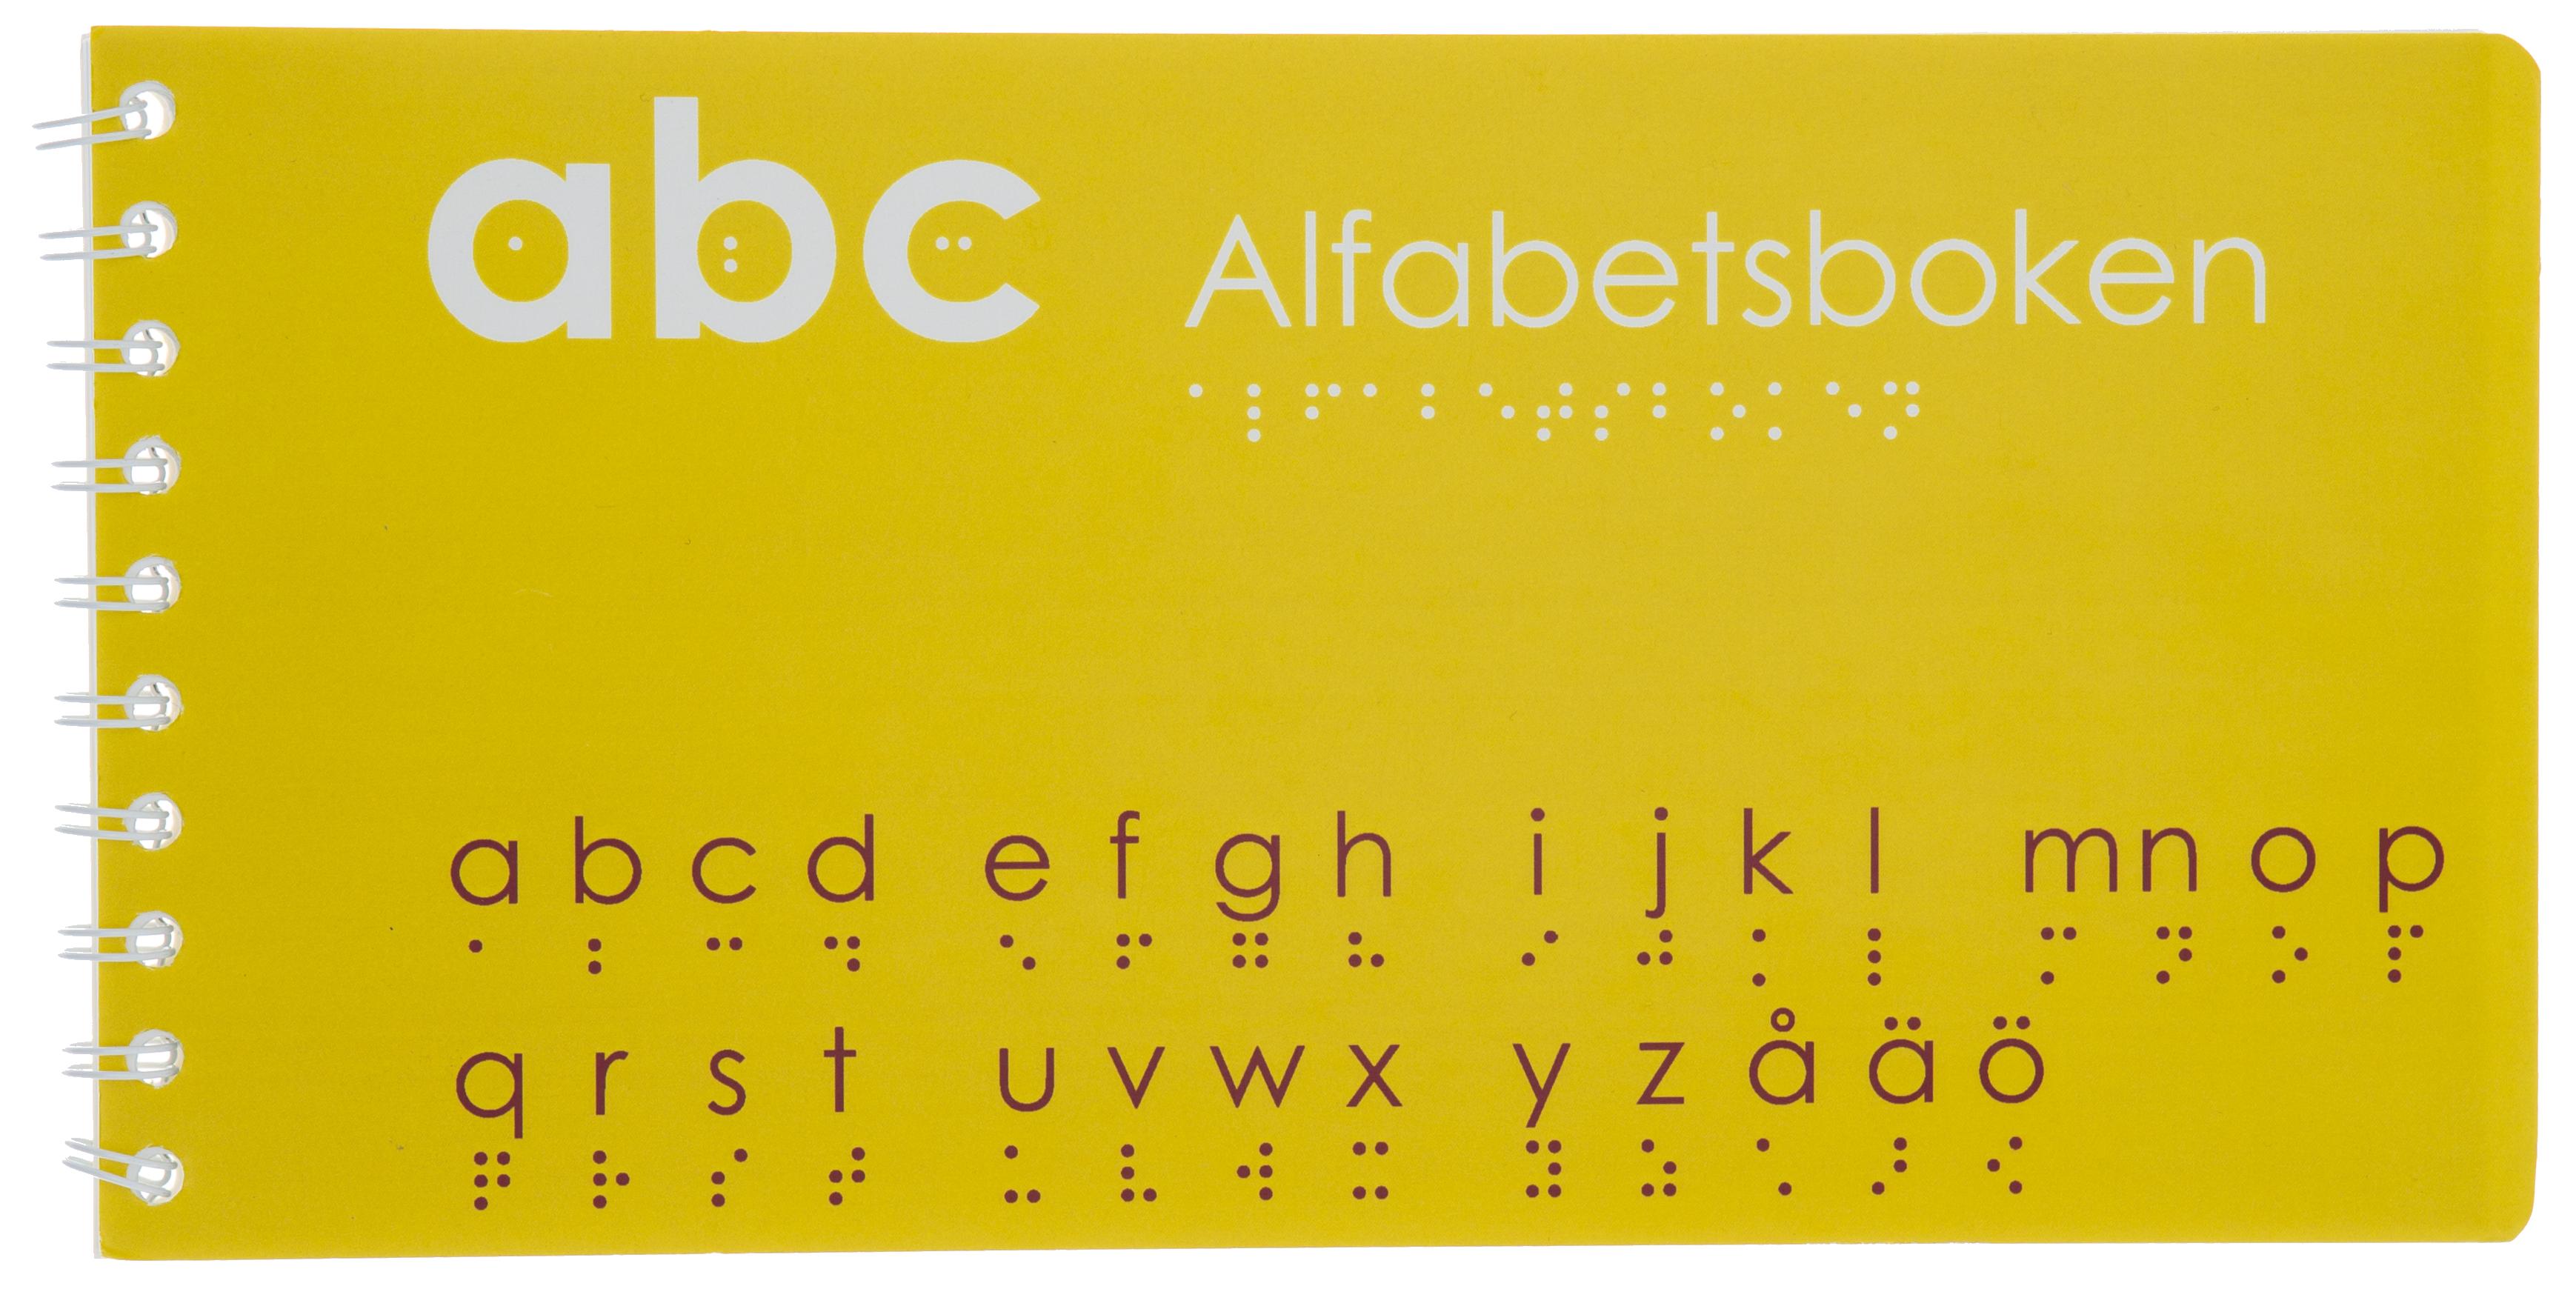 Alfabetet visas i punktskrift.